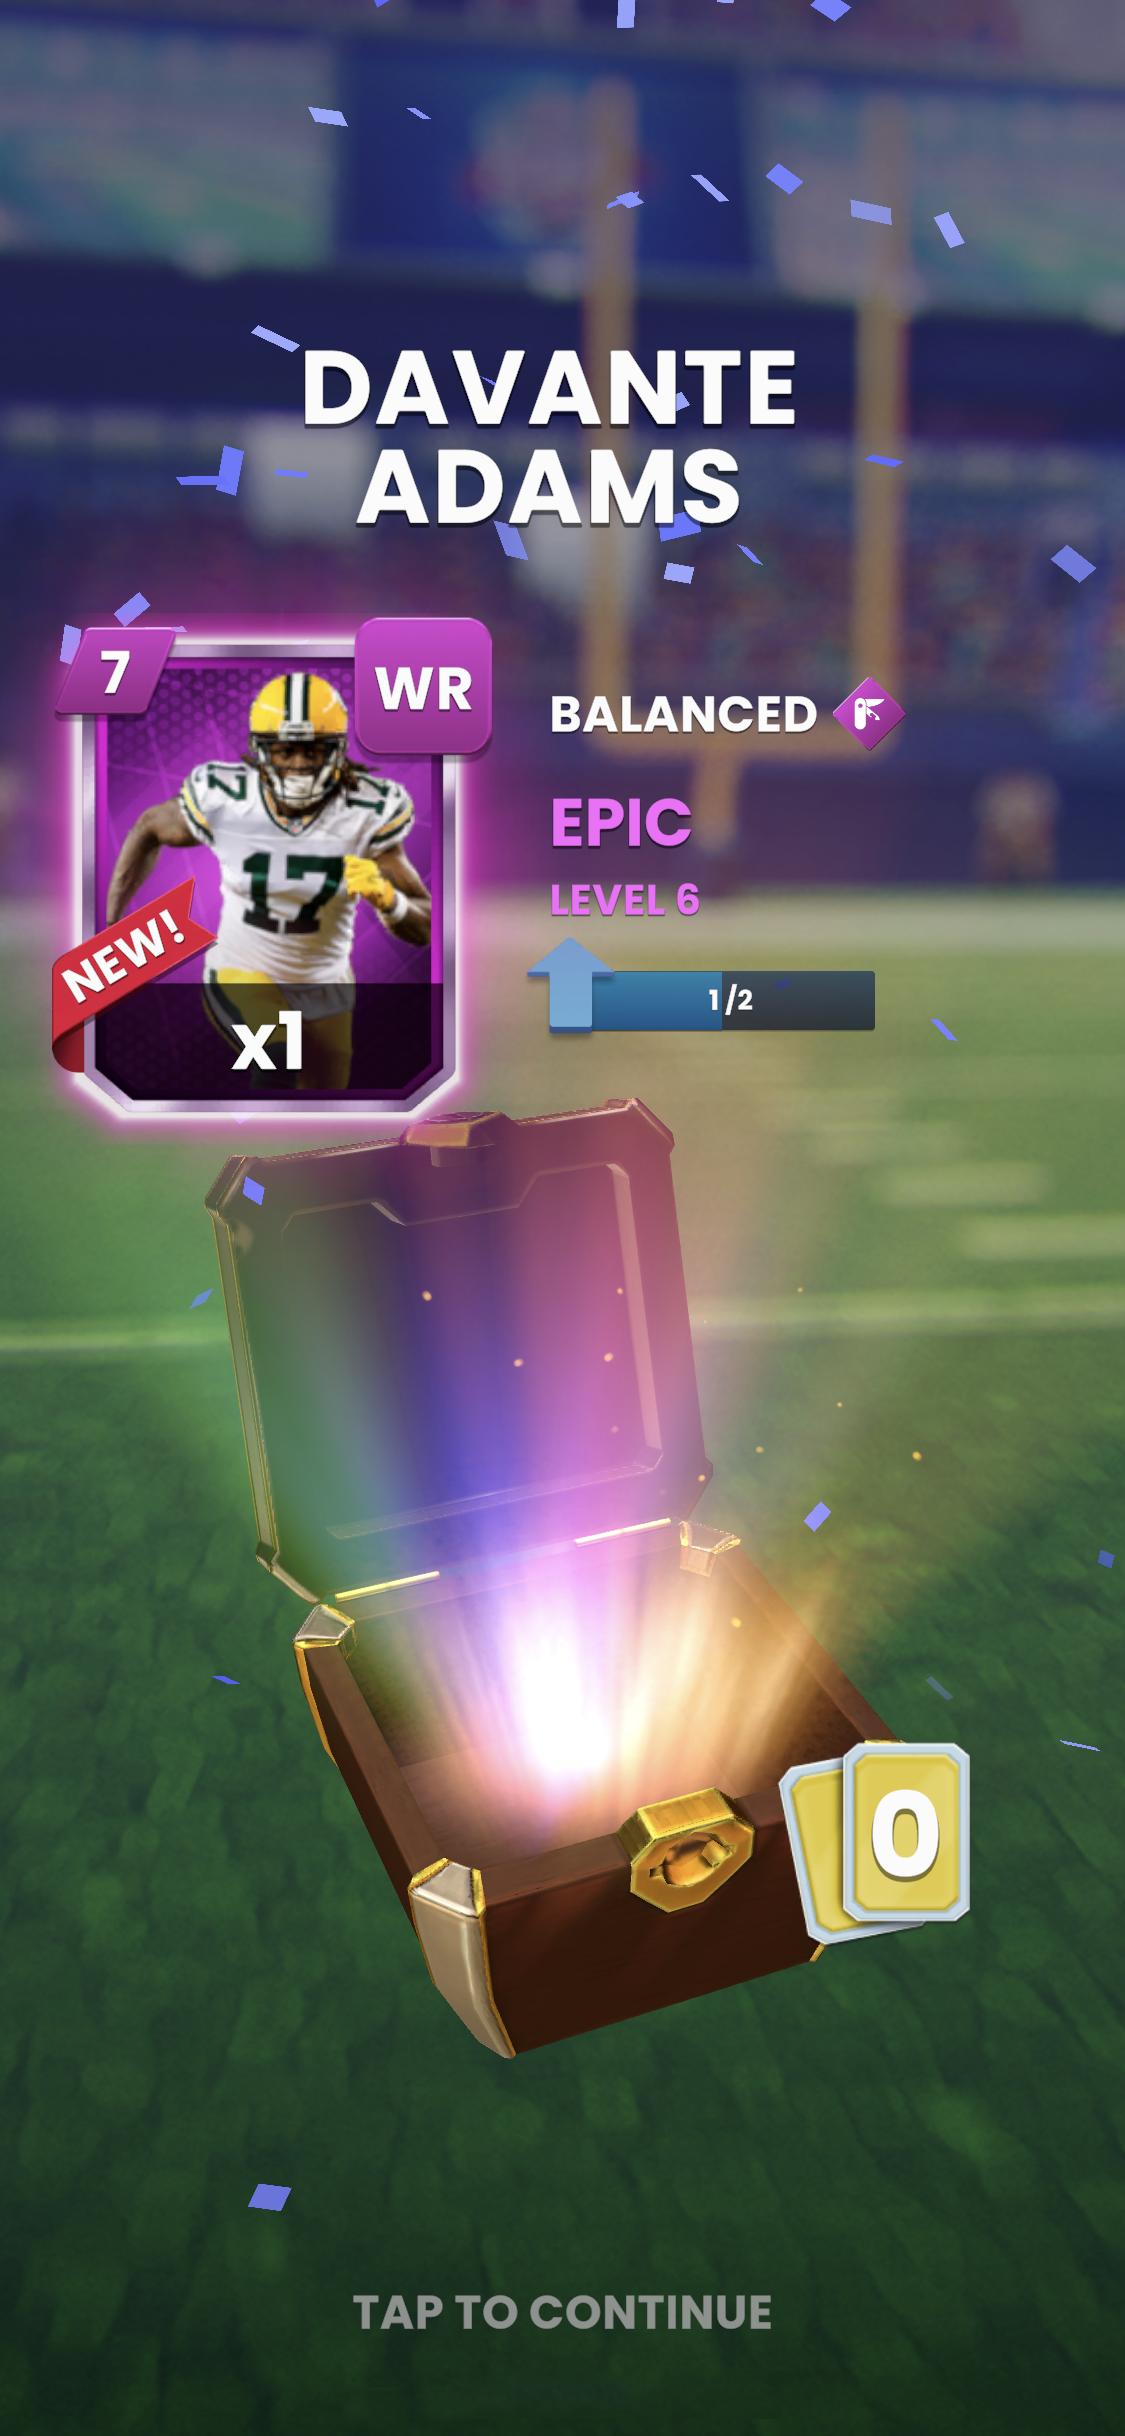 NFL-Clash-Davante-Adams-Reward